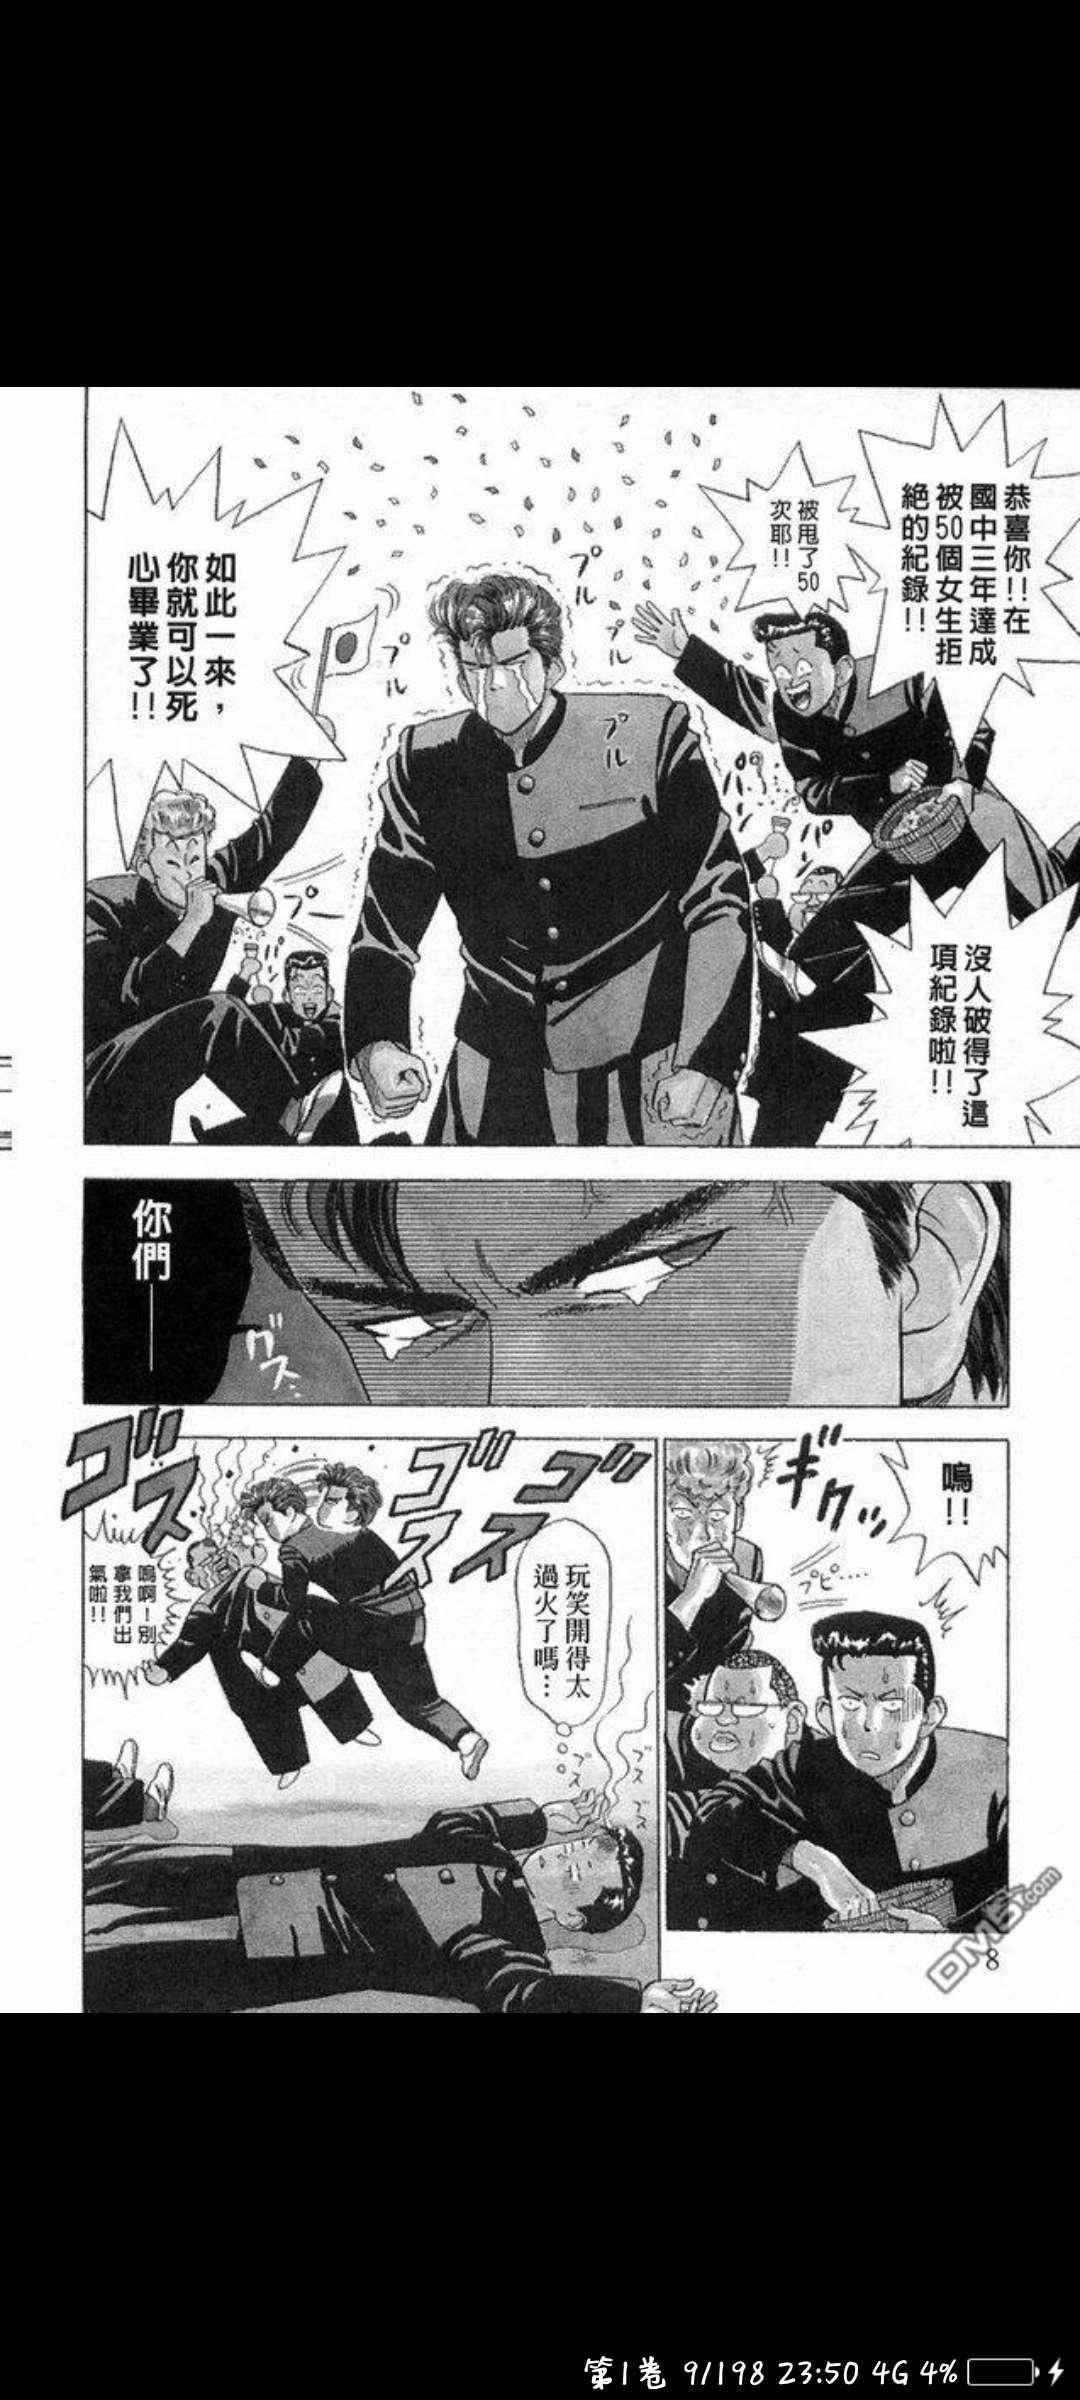 【漫画】灌篮高手,c82魔王勇者本子百度云